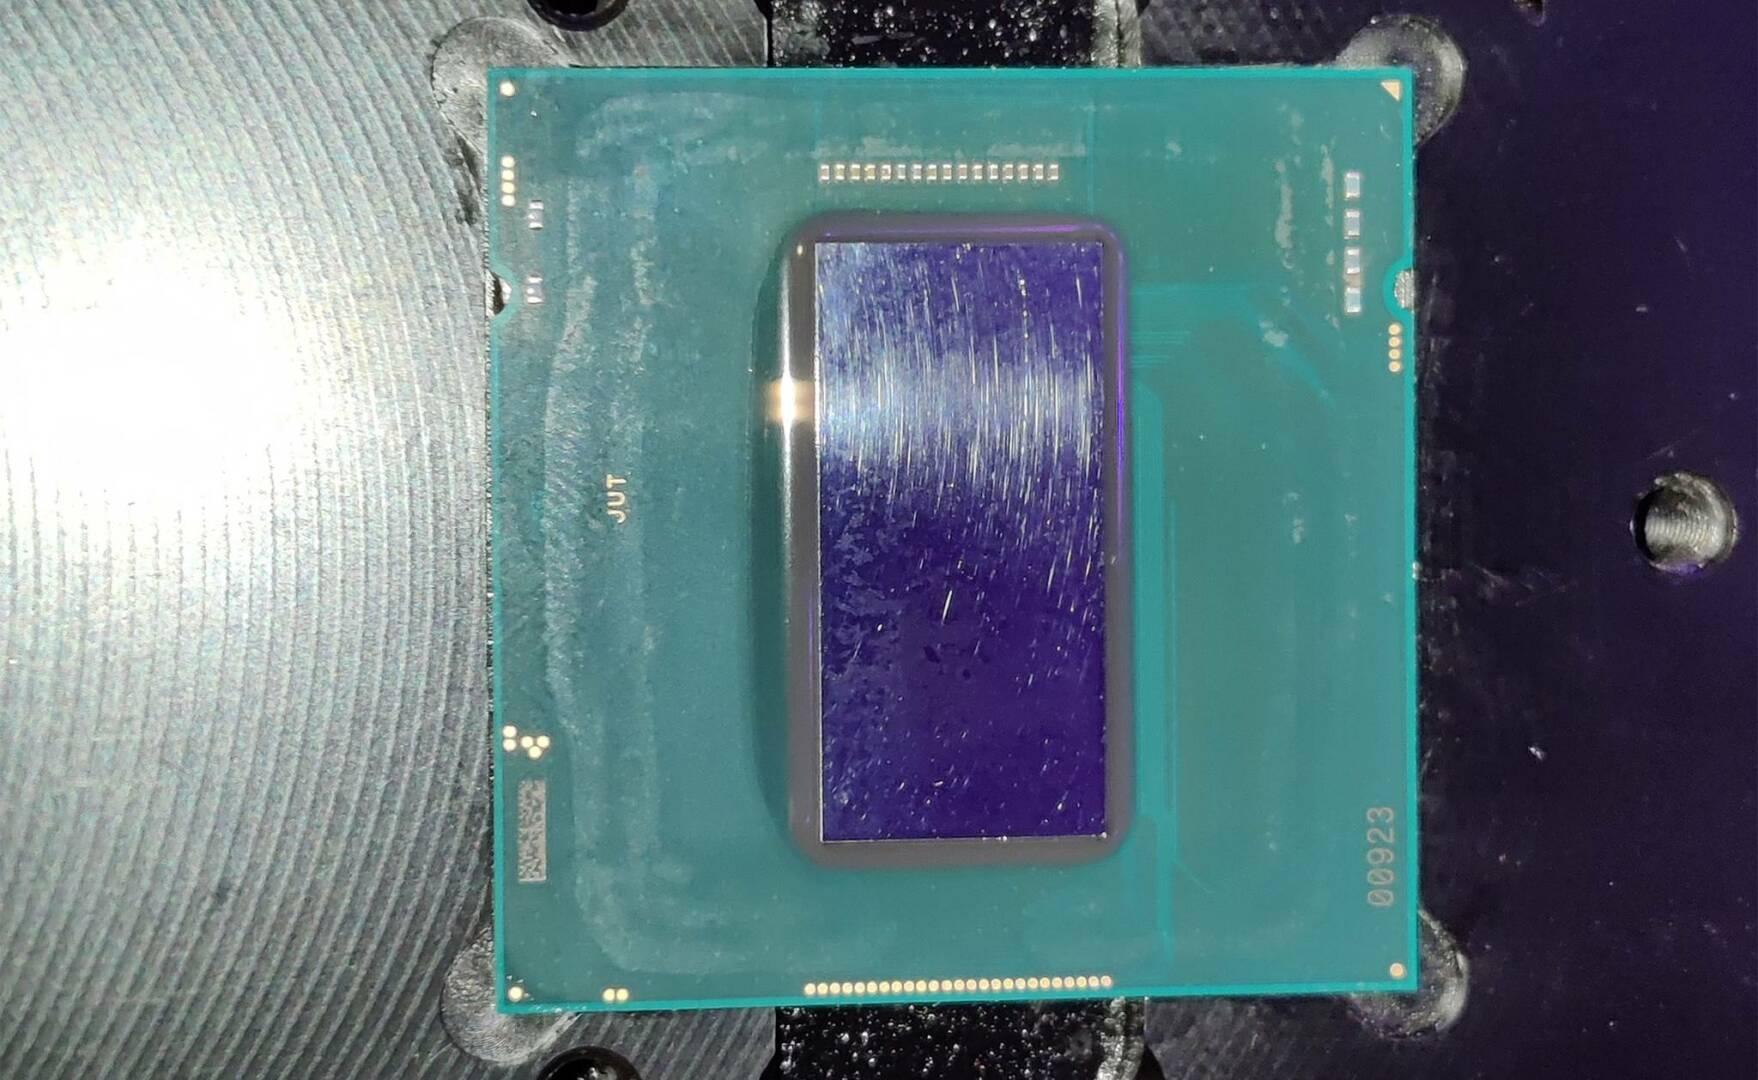 Intel Rocket Lake Core i7-11700K